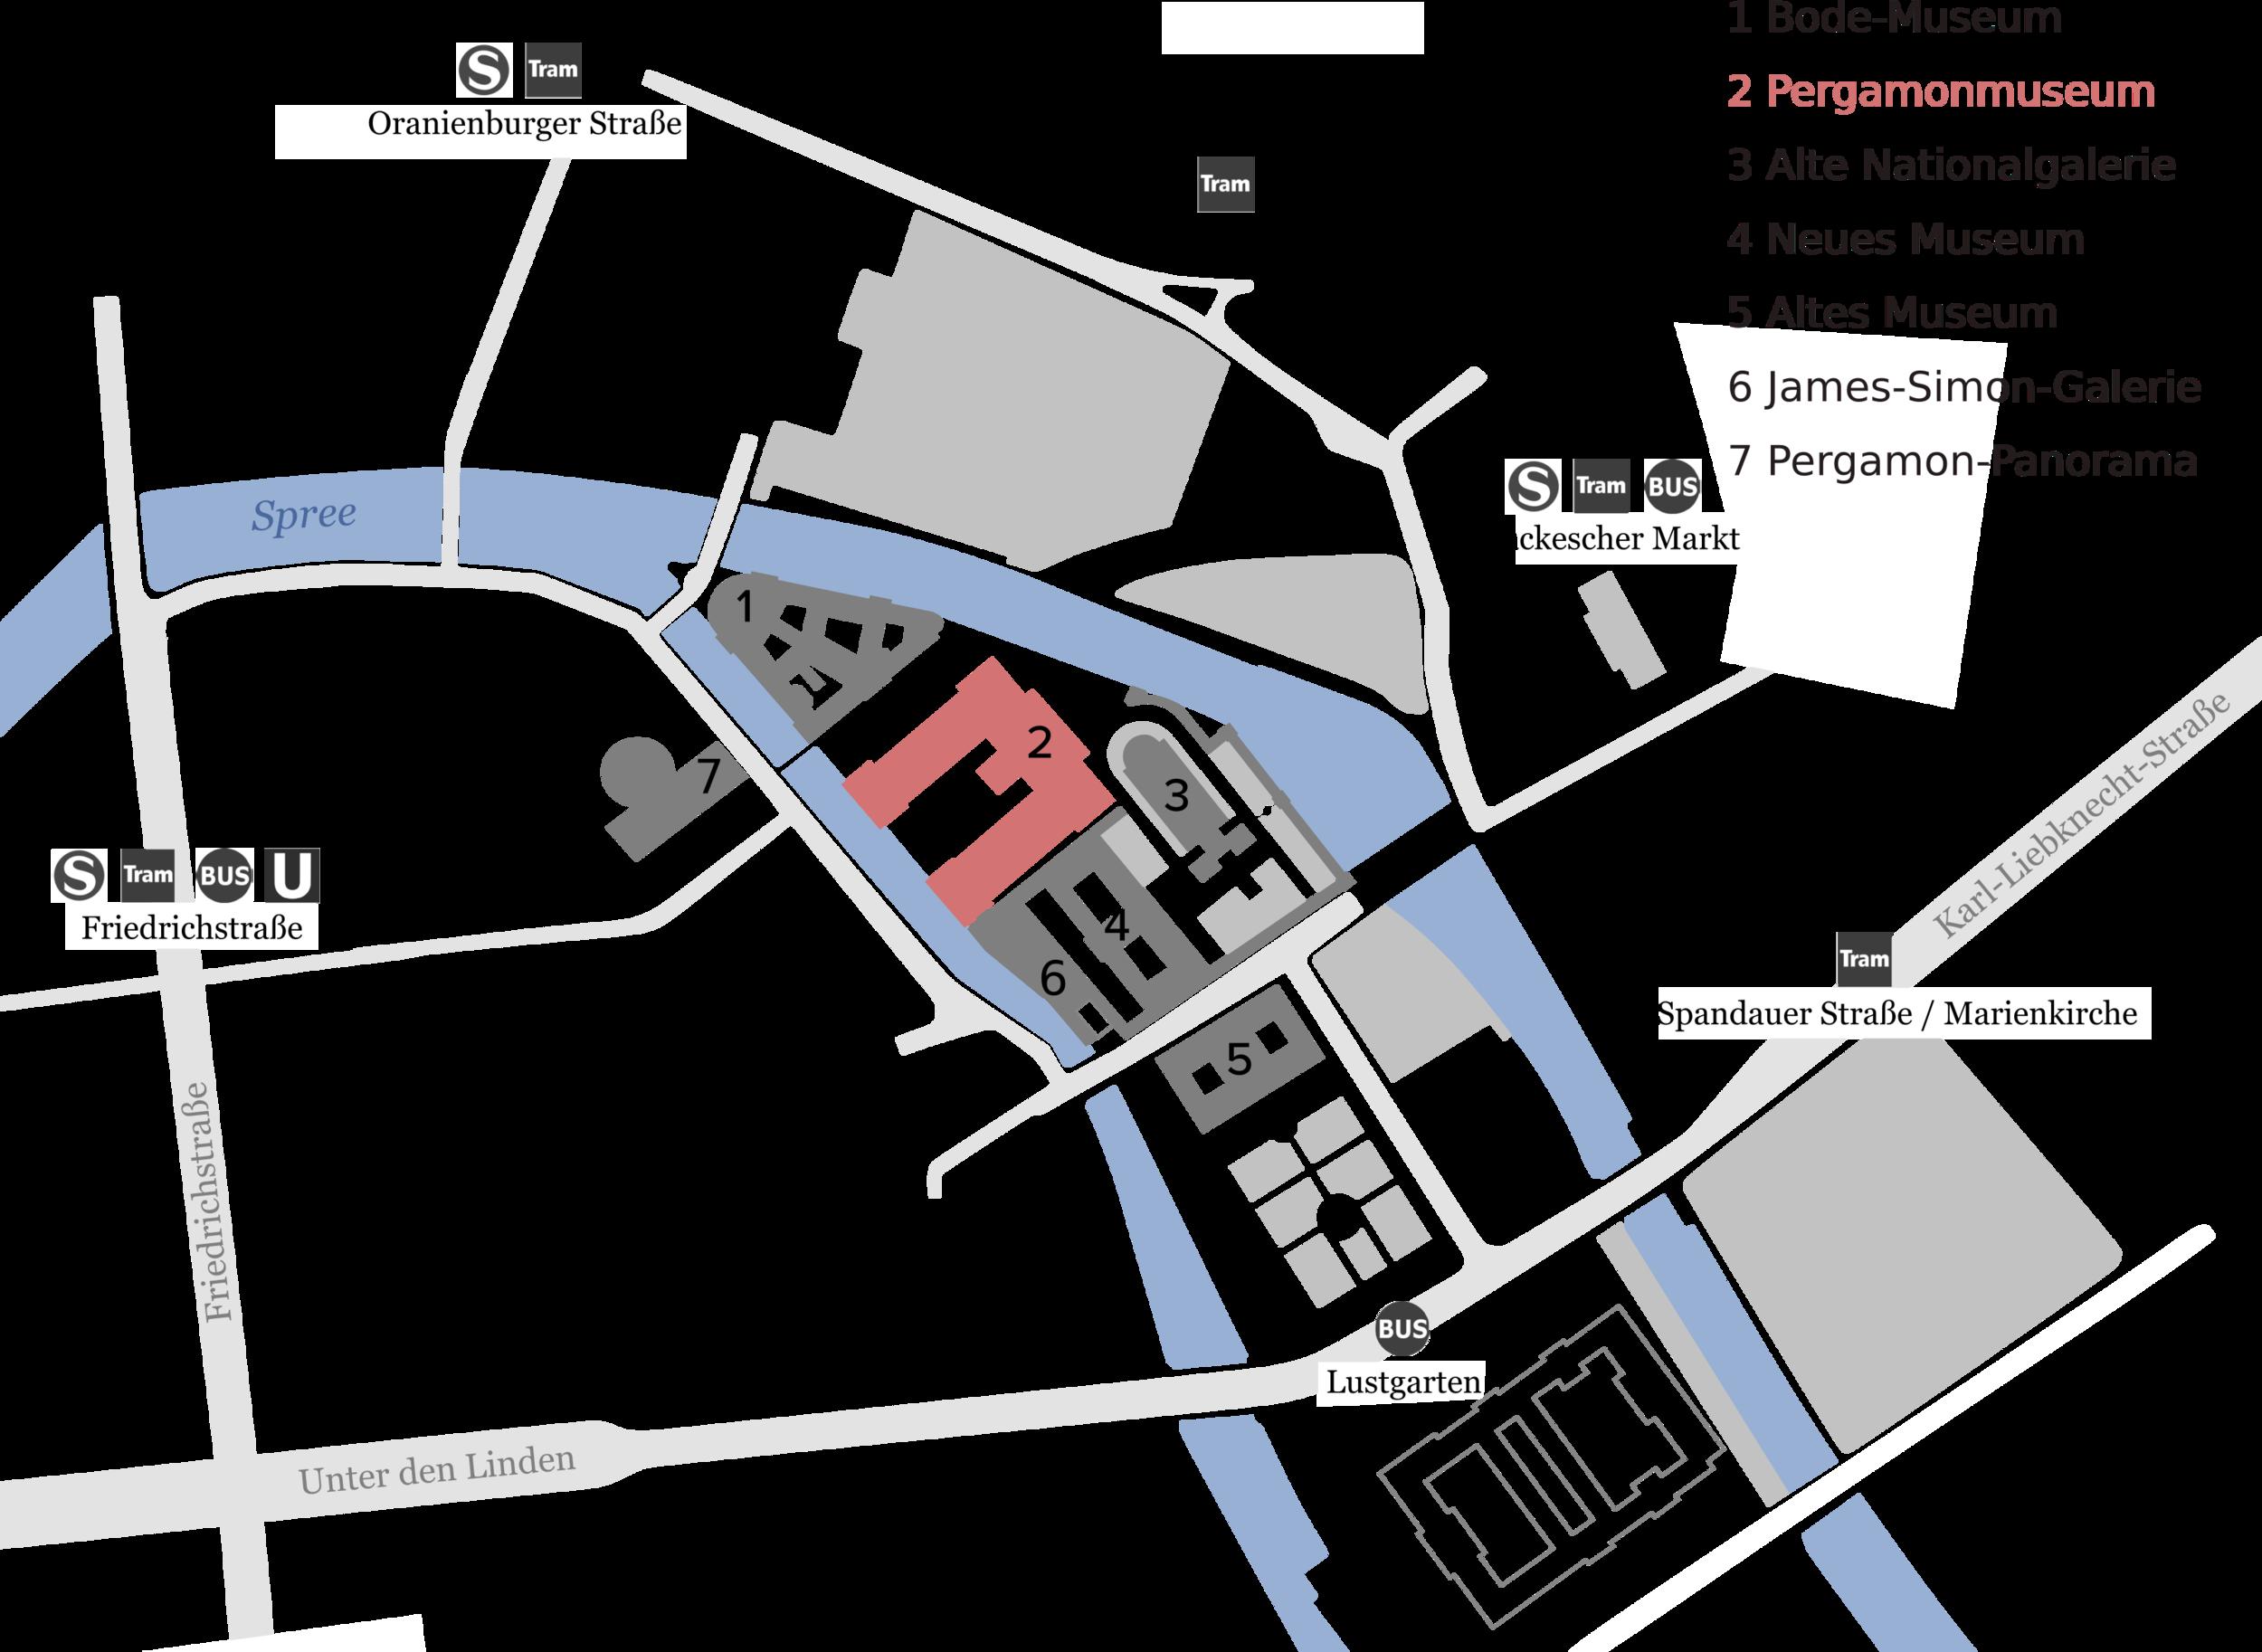 Inselplan - Pergamonmuseum.png